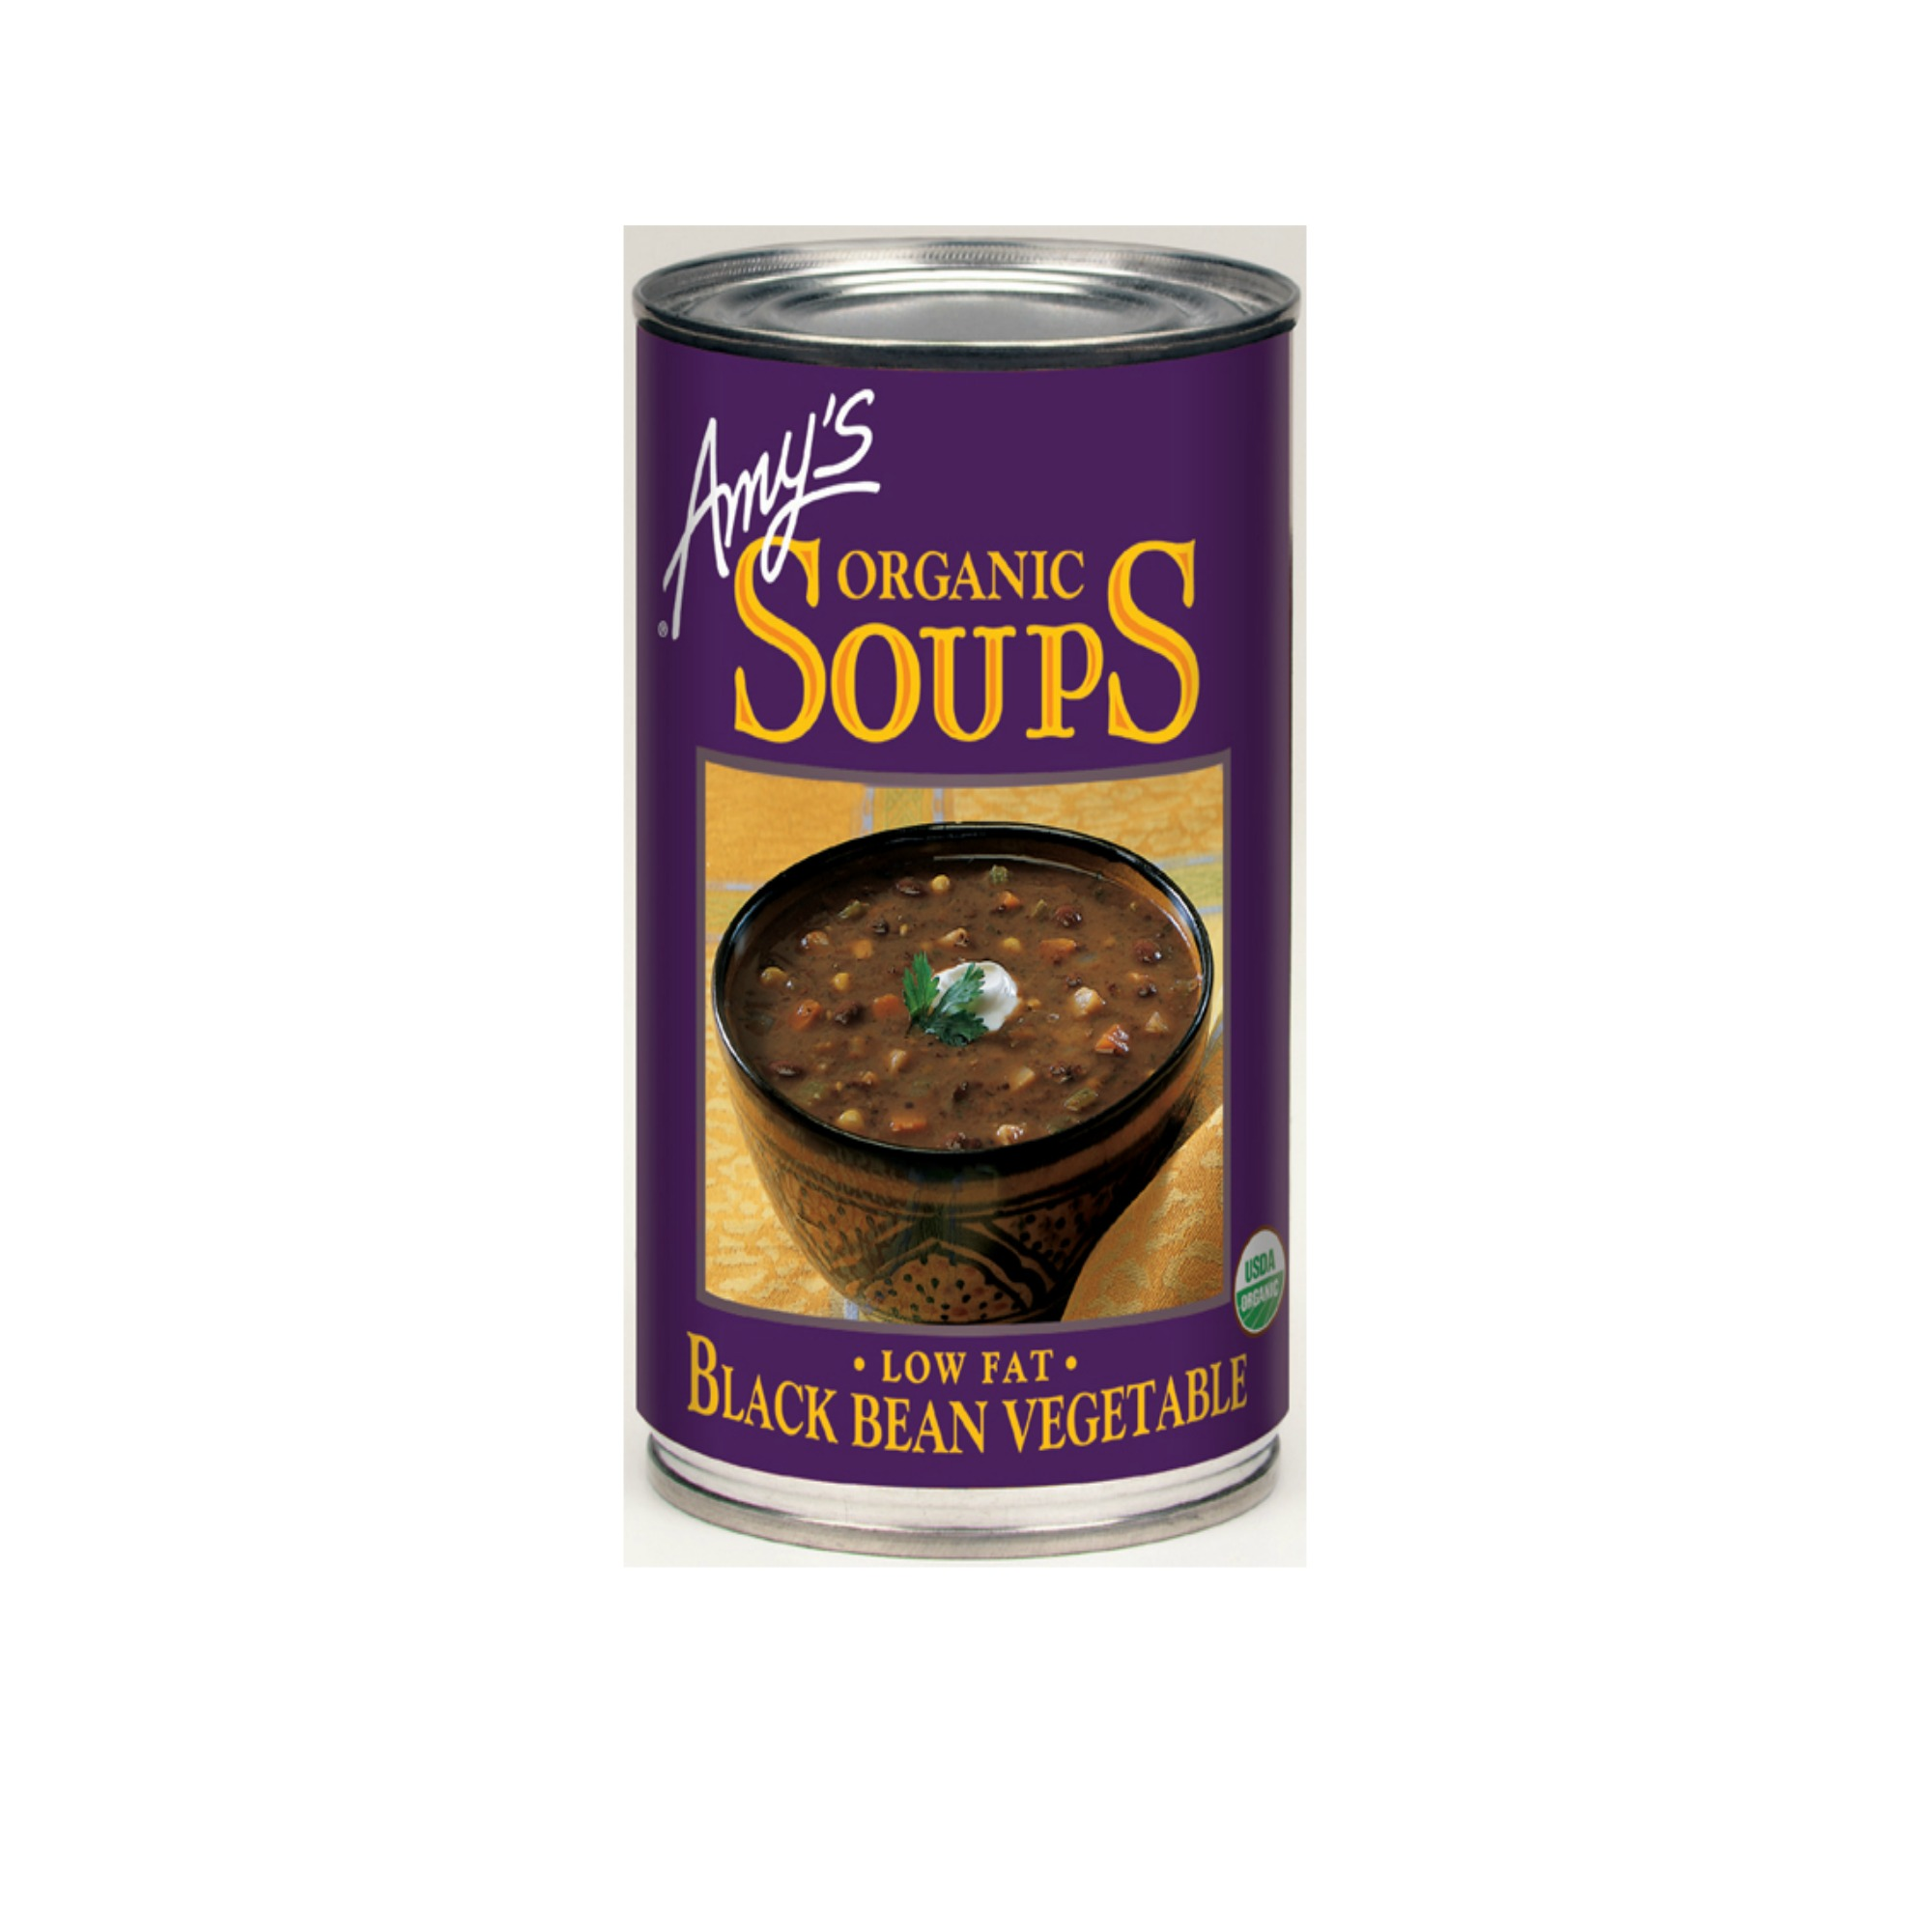 Amy's Soup Web.jpg